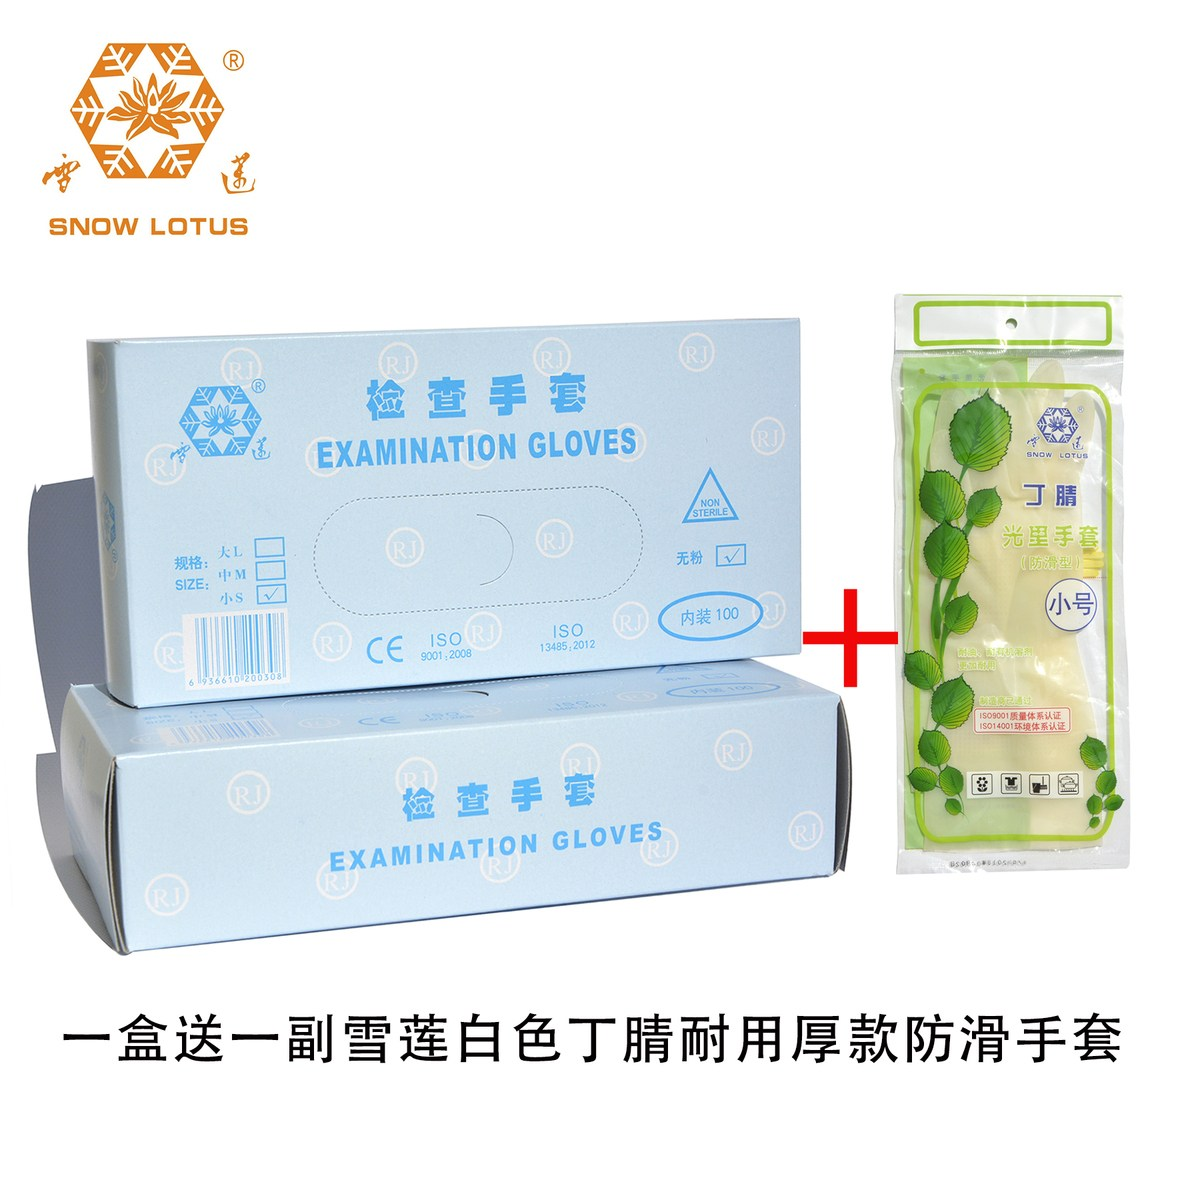 고무장갑 스노우체인 Ruijing검사 가루없는 고무 실험실 라텍스 장갑 100개 한박스, T01-S, C01-밀크색